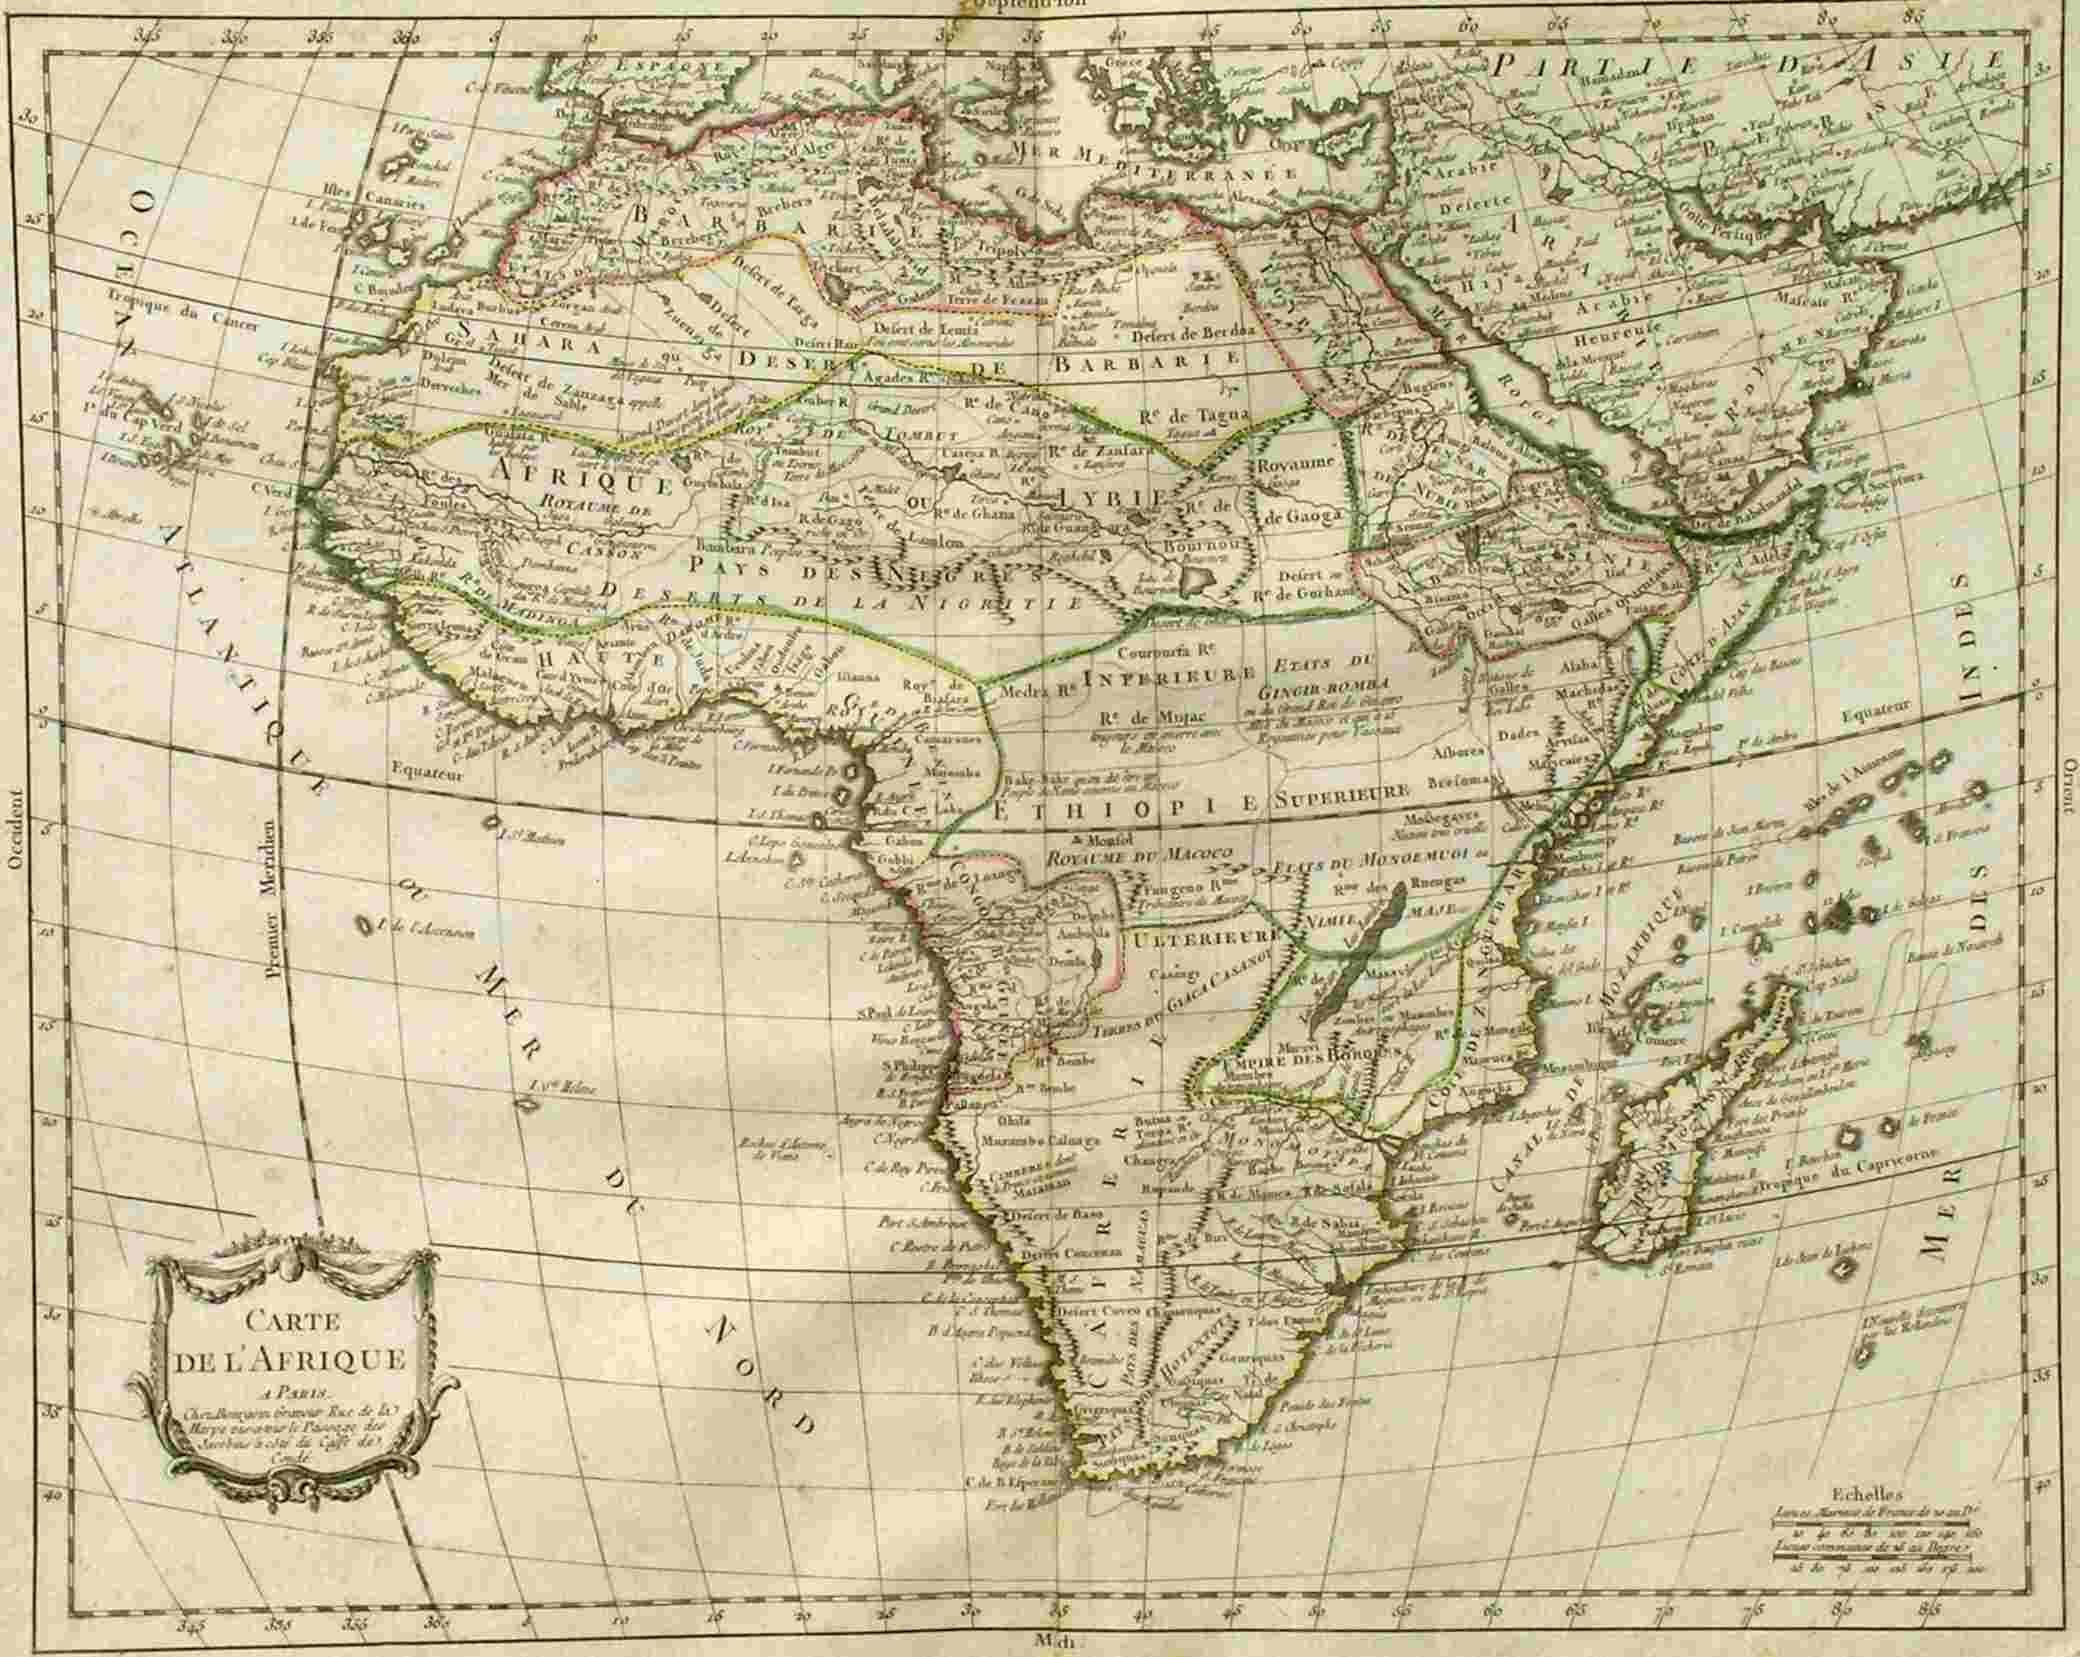 Carte De Lafrique Antique.Carte De L Afrique Maphouse Antique Maps Tatts